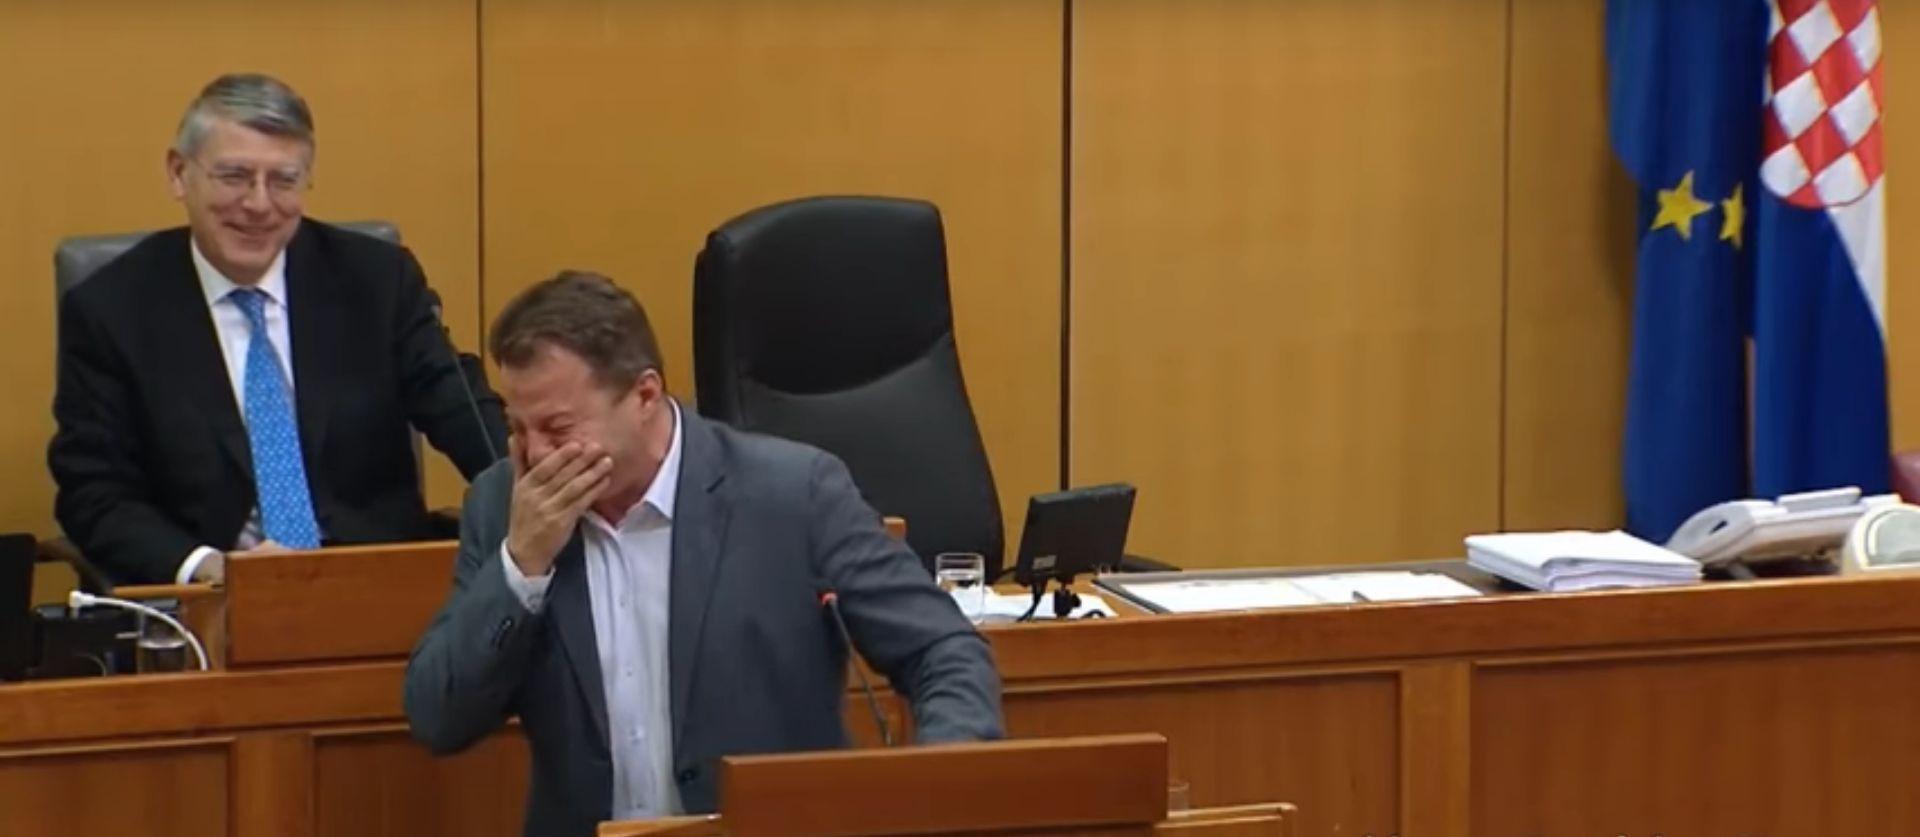 VIDEO: Pogledajte kako je Panenić 'pukao' od smijeha u Saboru